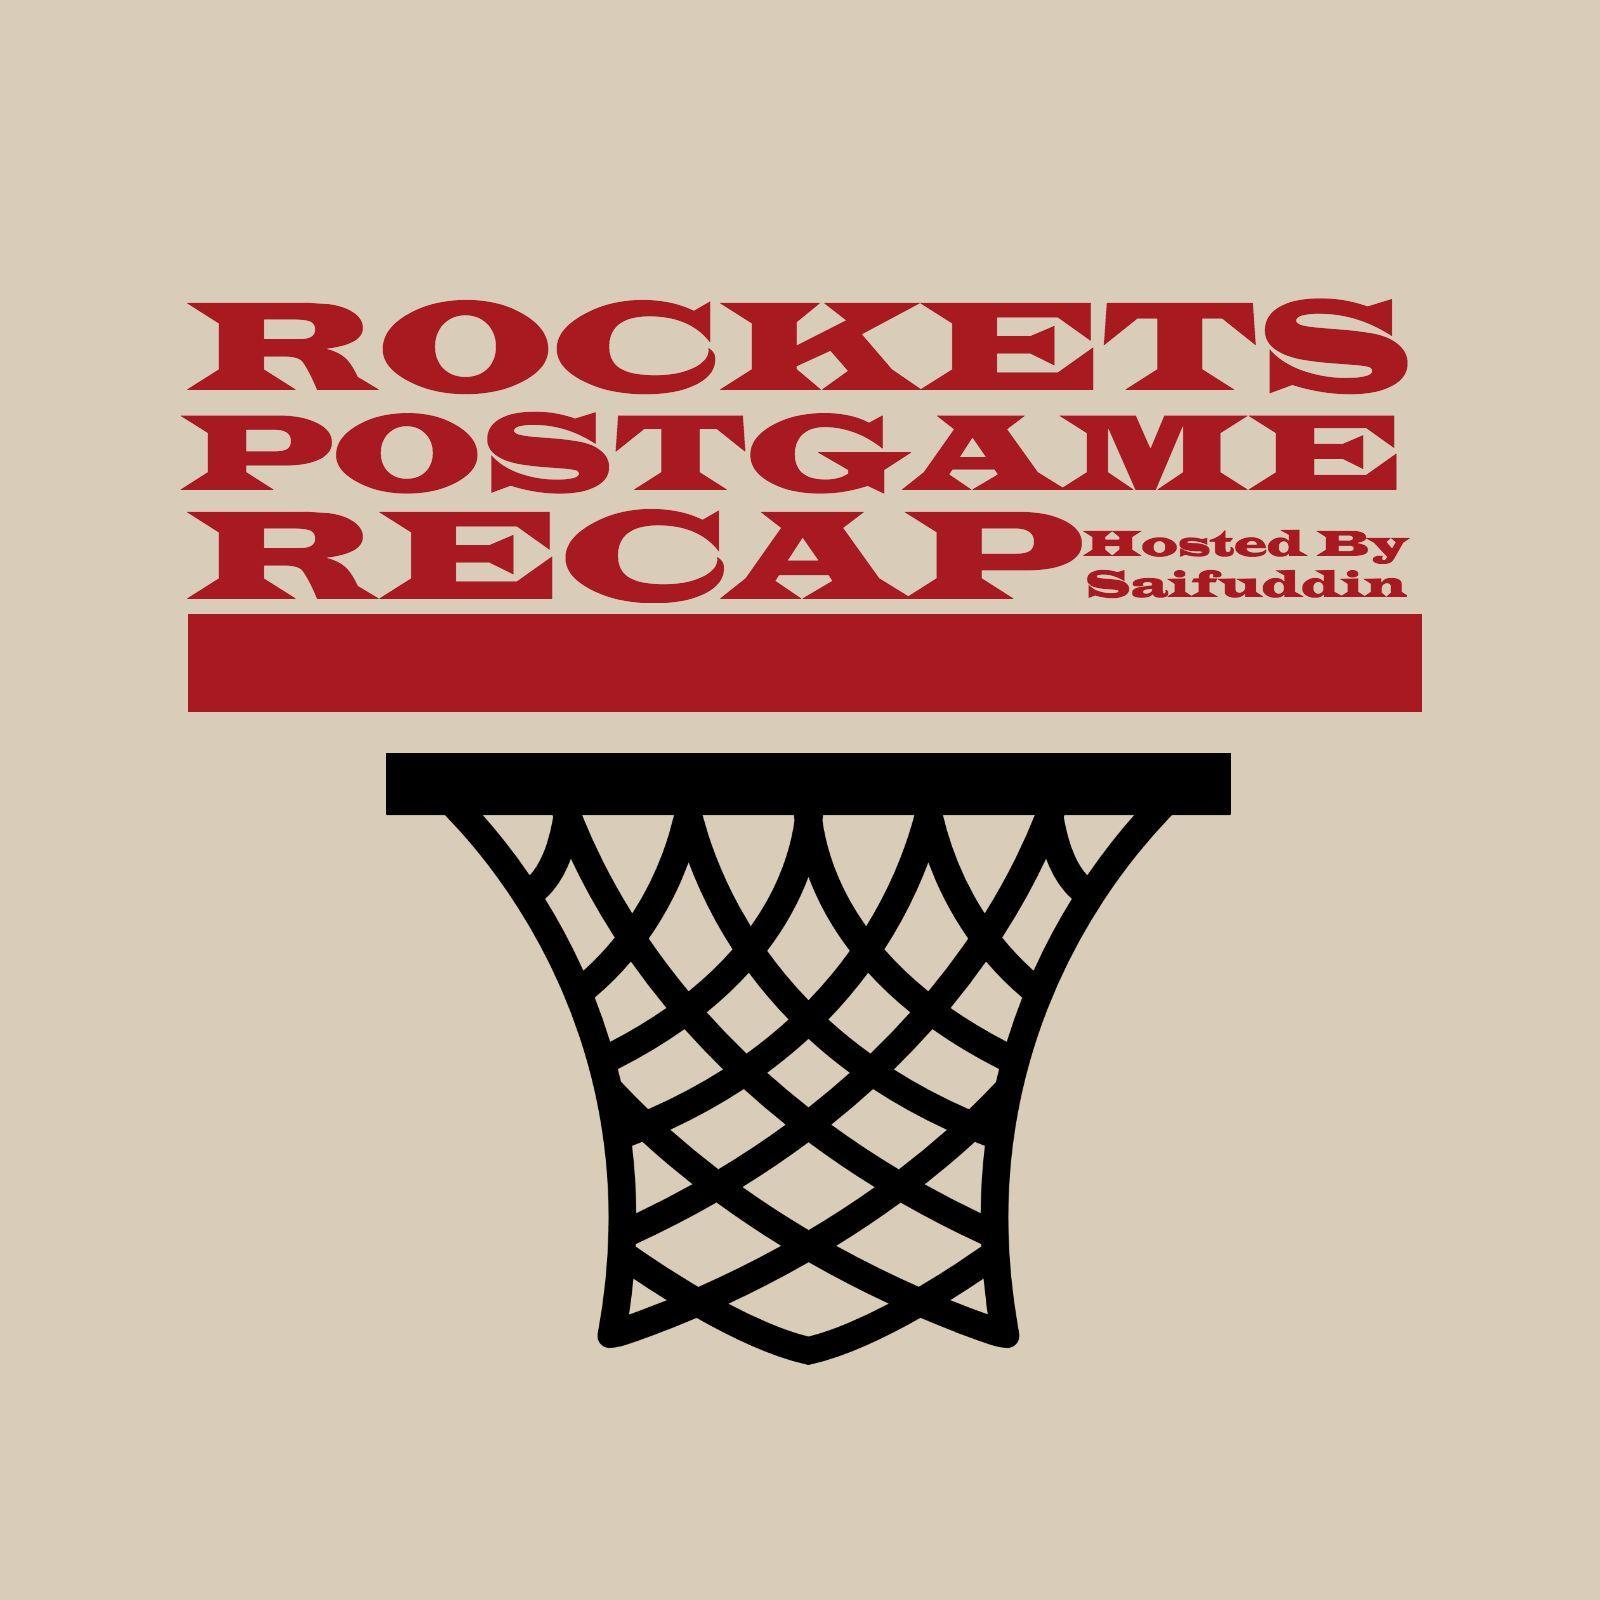 April 10 - Kobe's Final Game in Houston